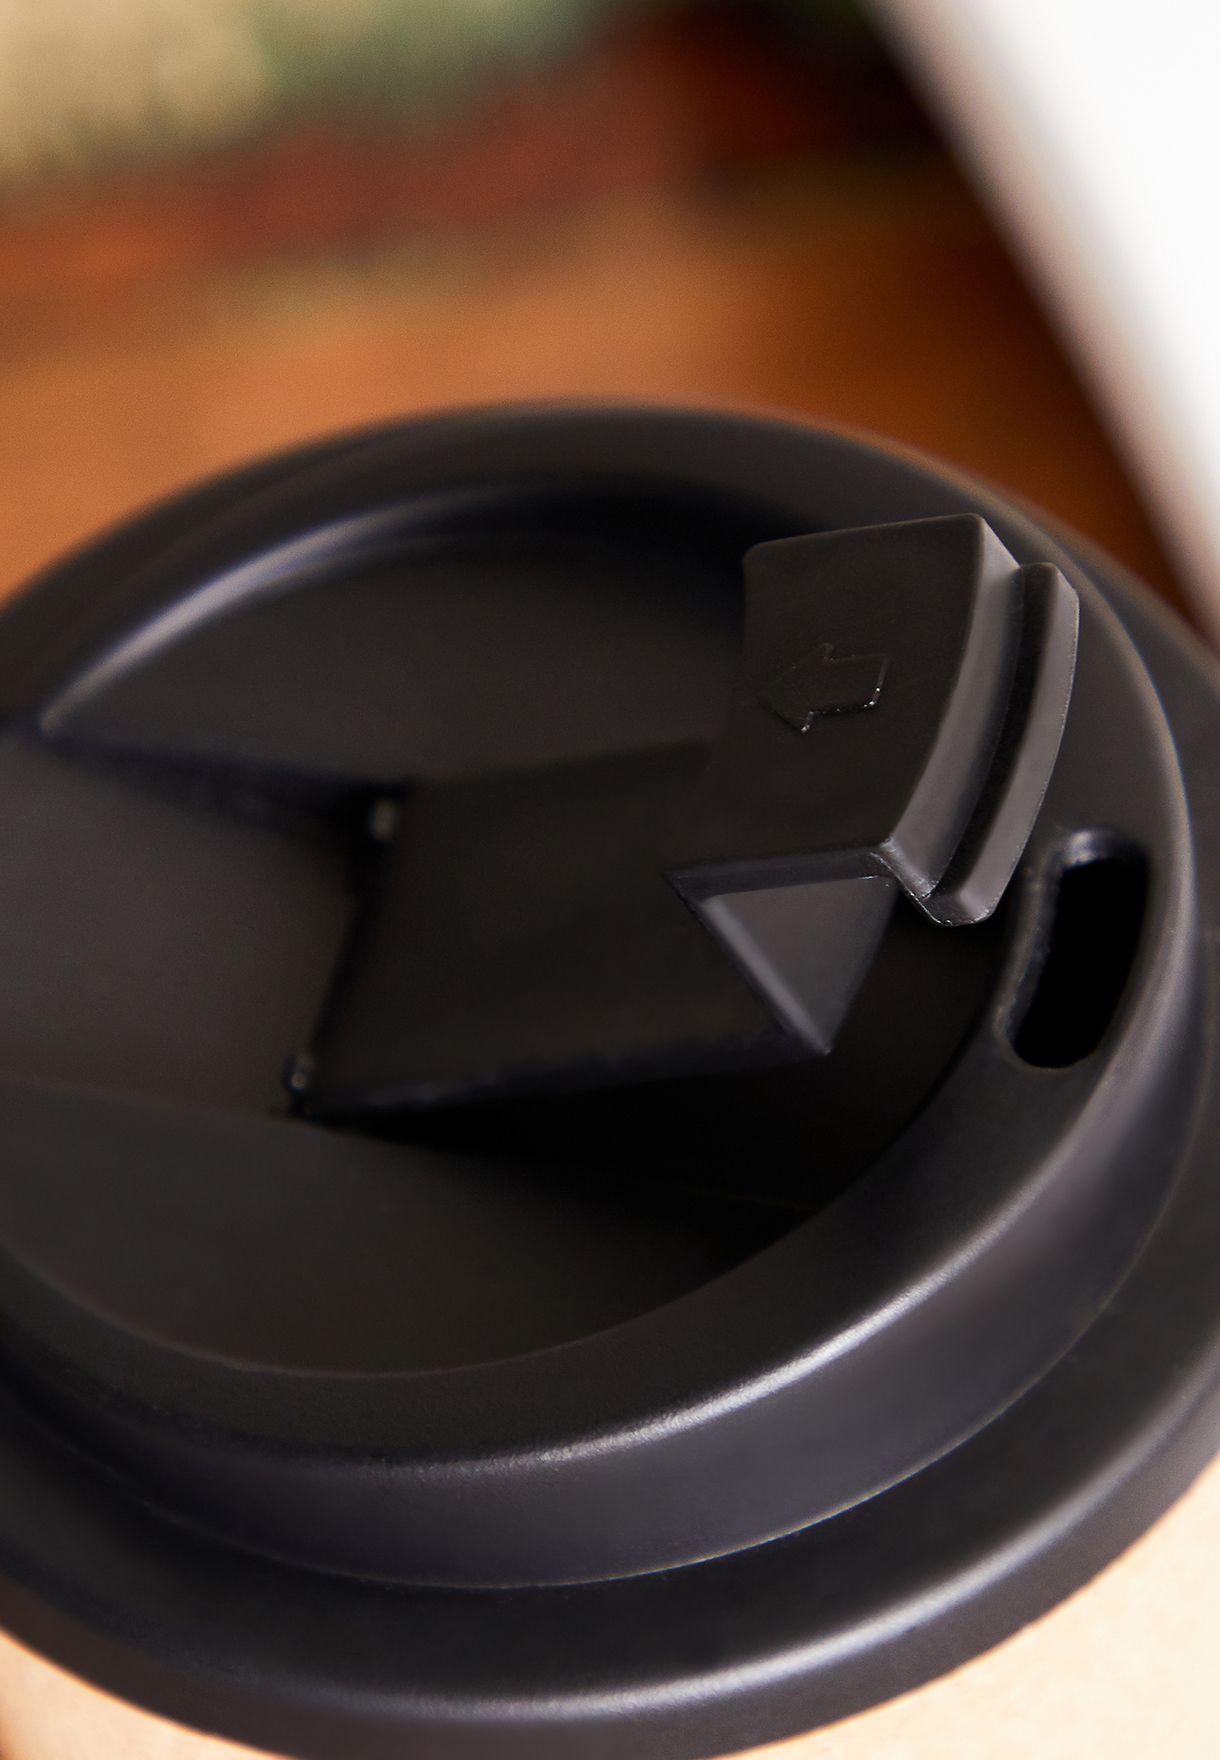 كوب قهوة ضد الانسكاب